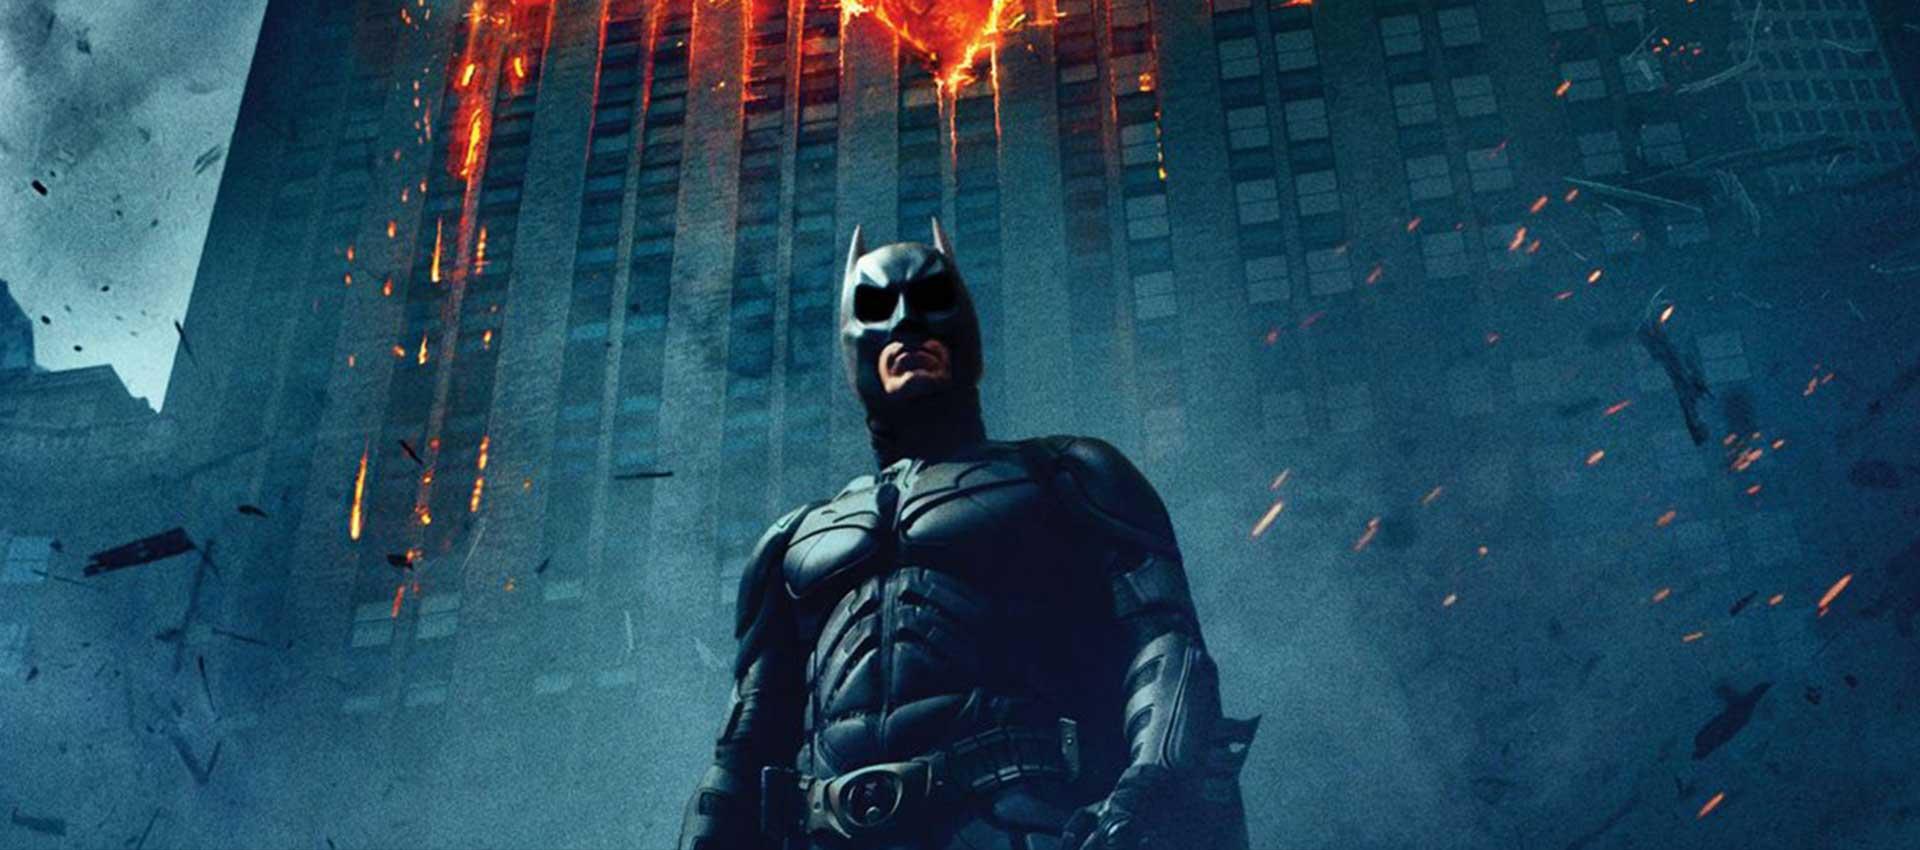 Batman Serisi türkçe izle hd izle